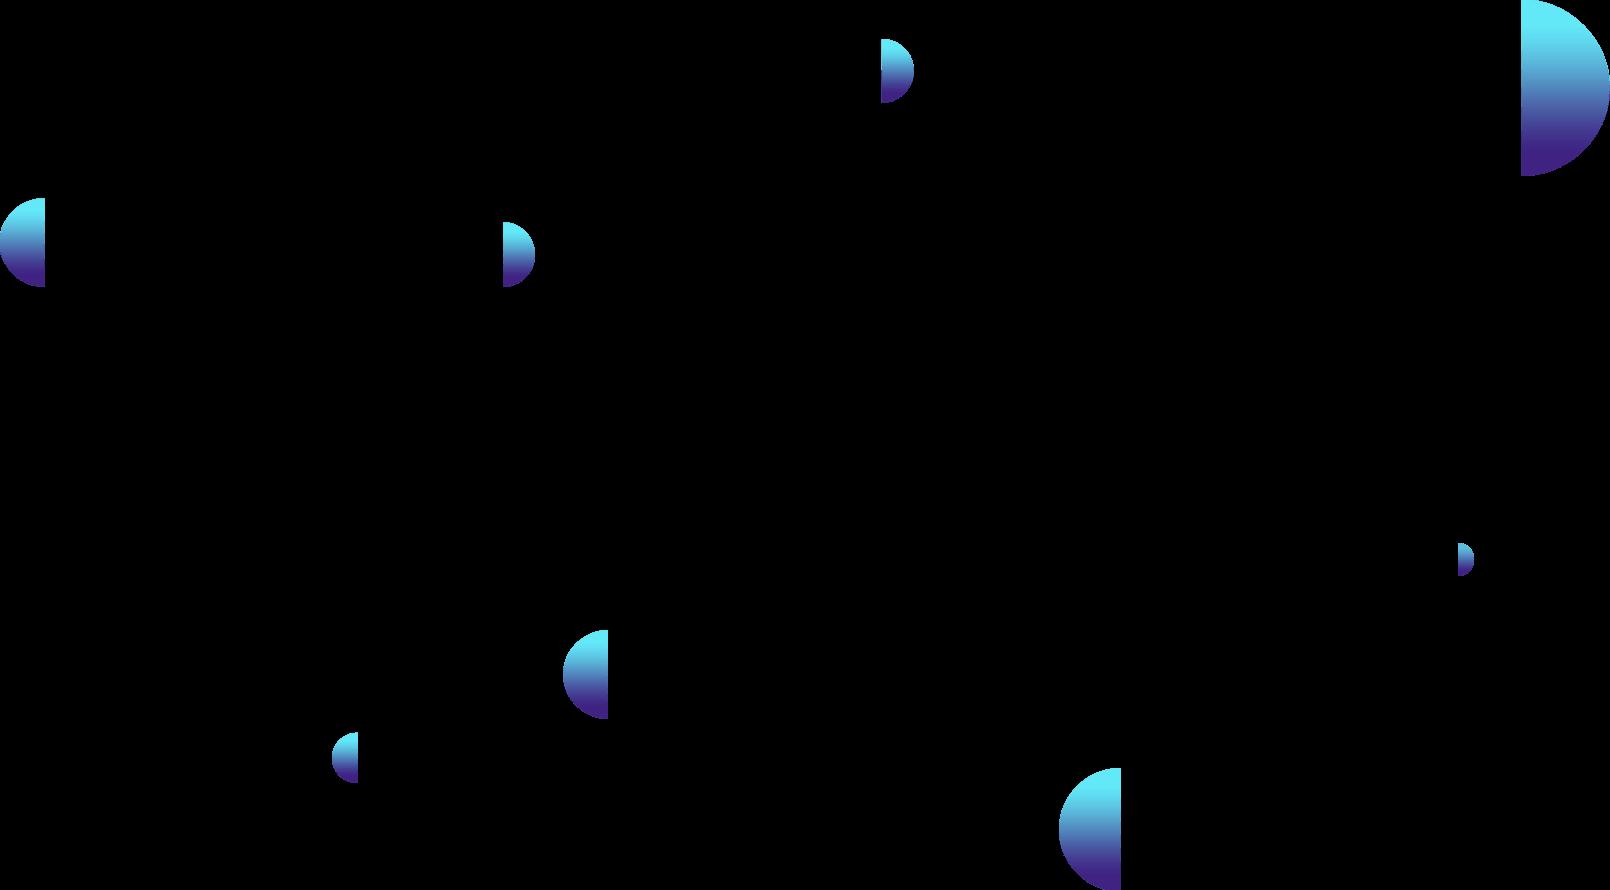 https://cit-program.com/wp-content/uploads/2020/10/circle_floaters_03.png